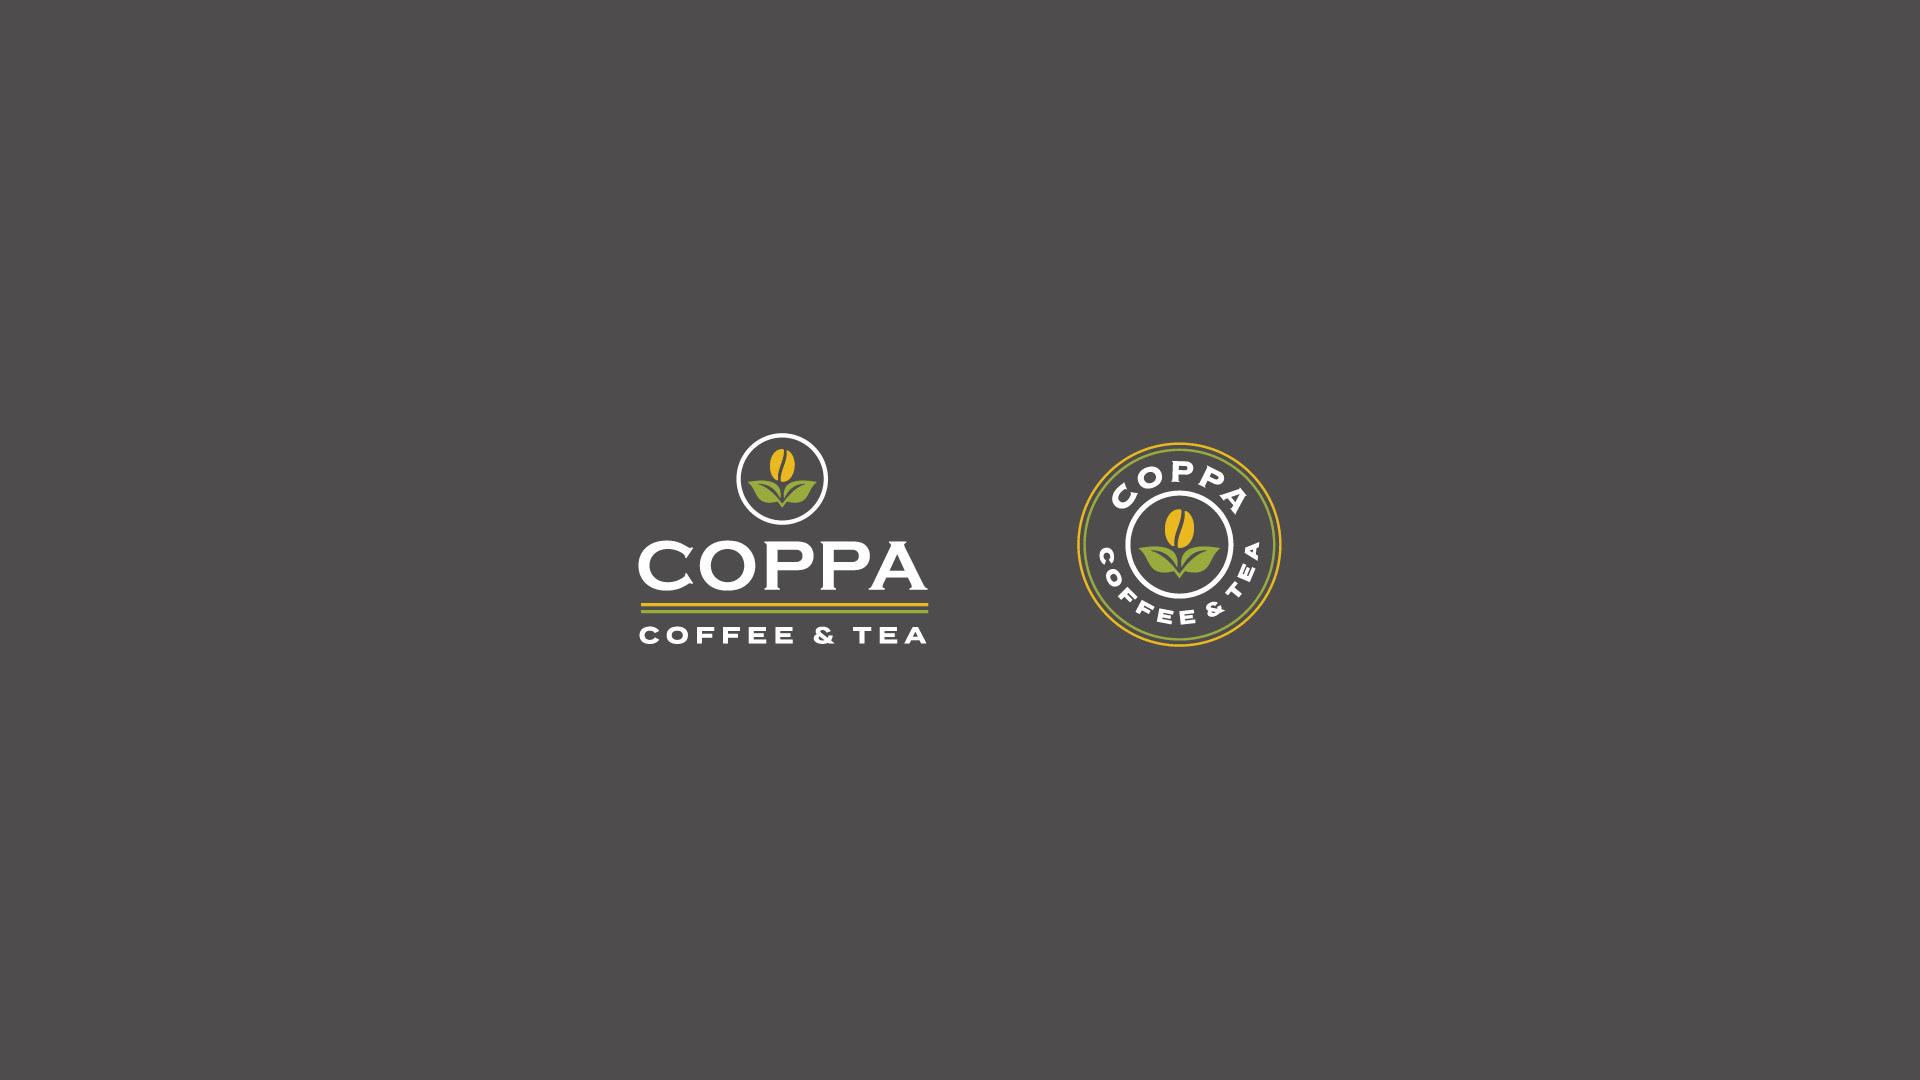 Coppa Coffee and Tea3.jpg